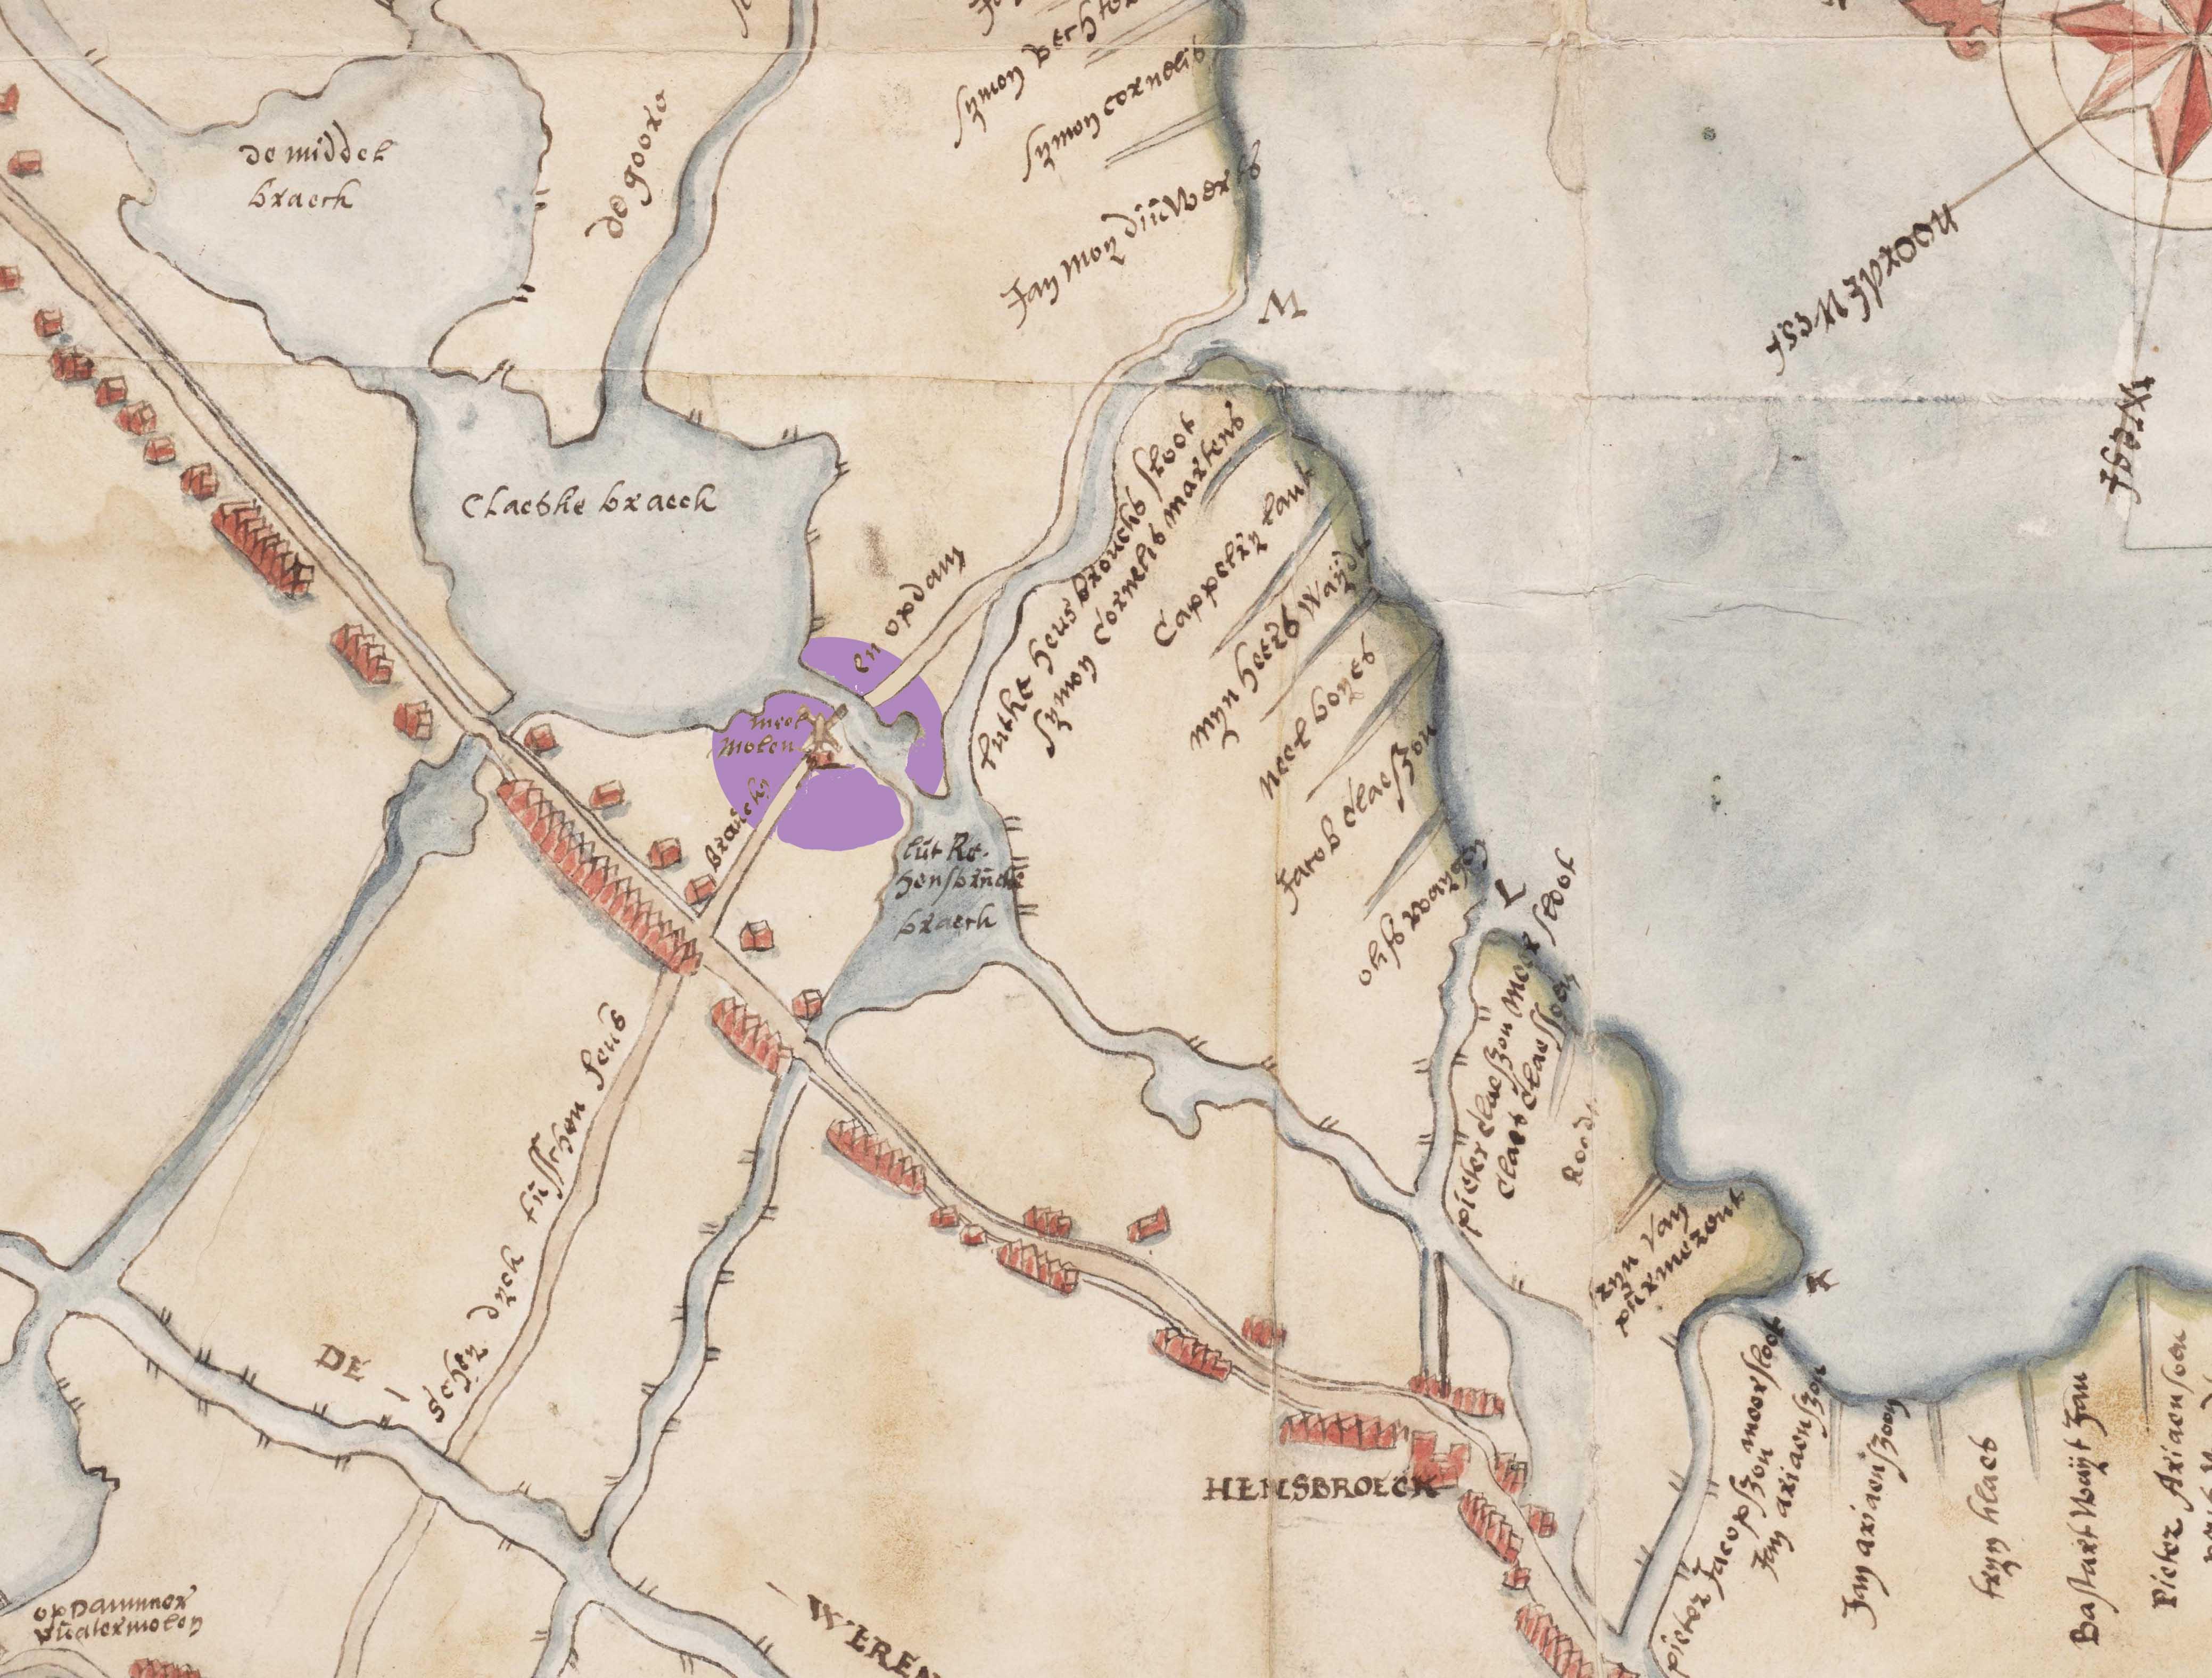 1607 Onbedijkte Wogmeer